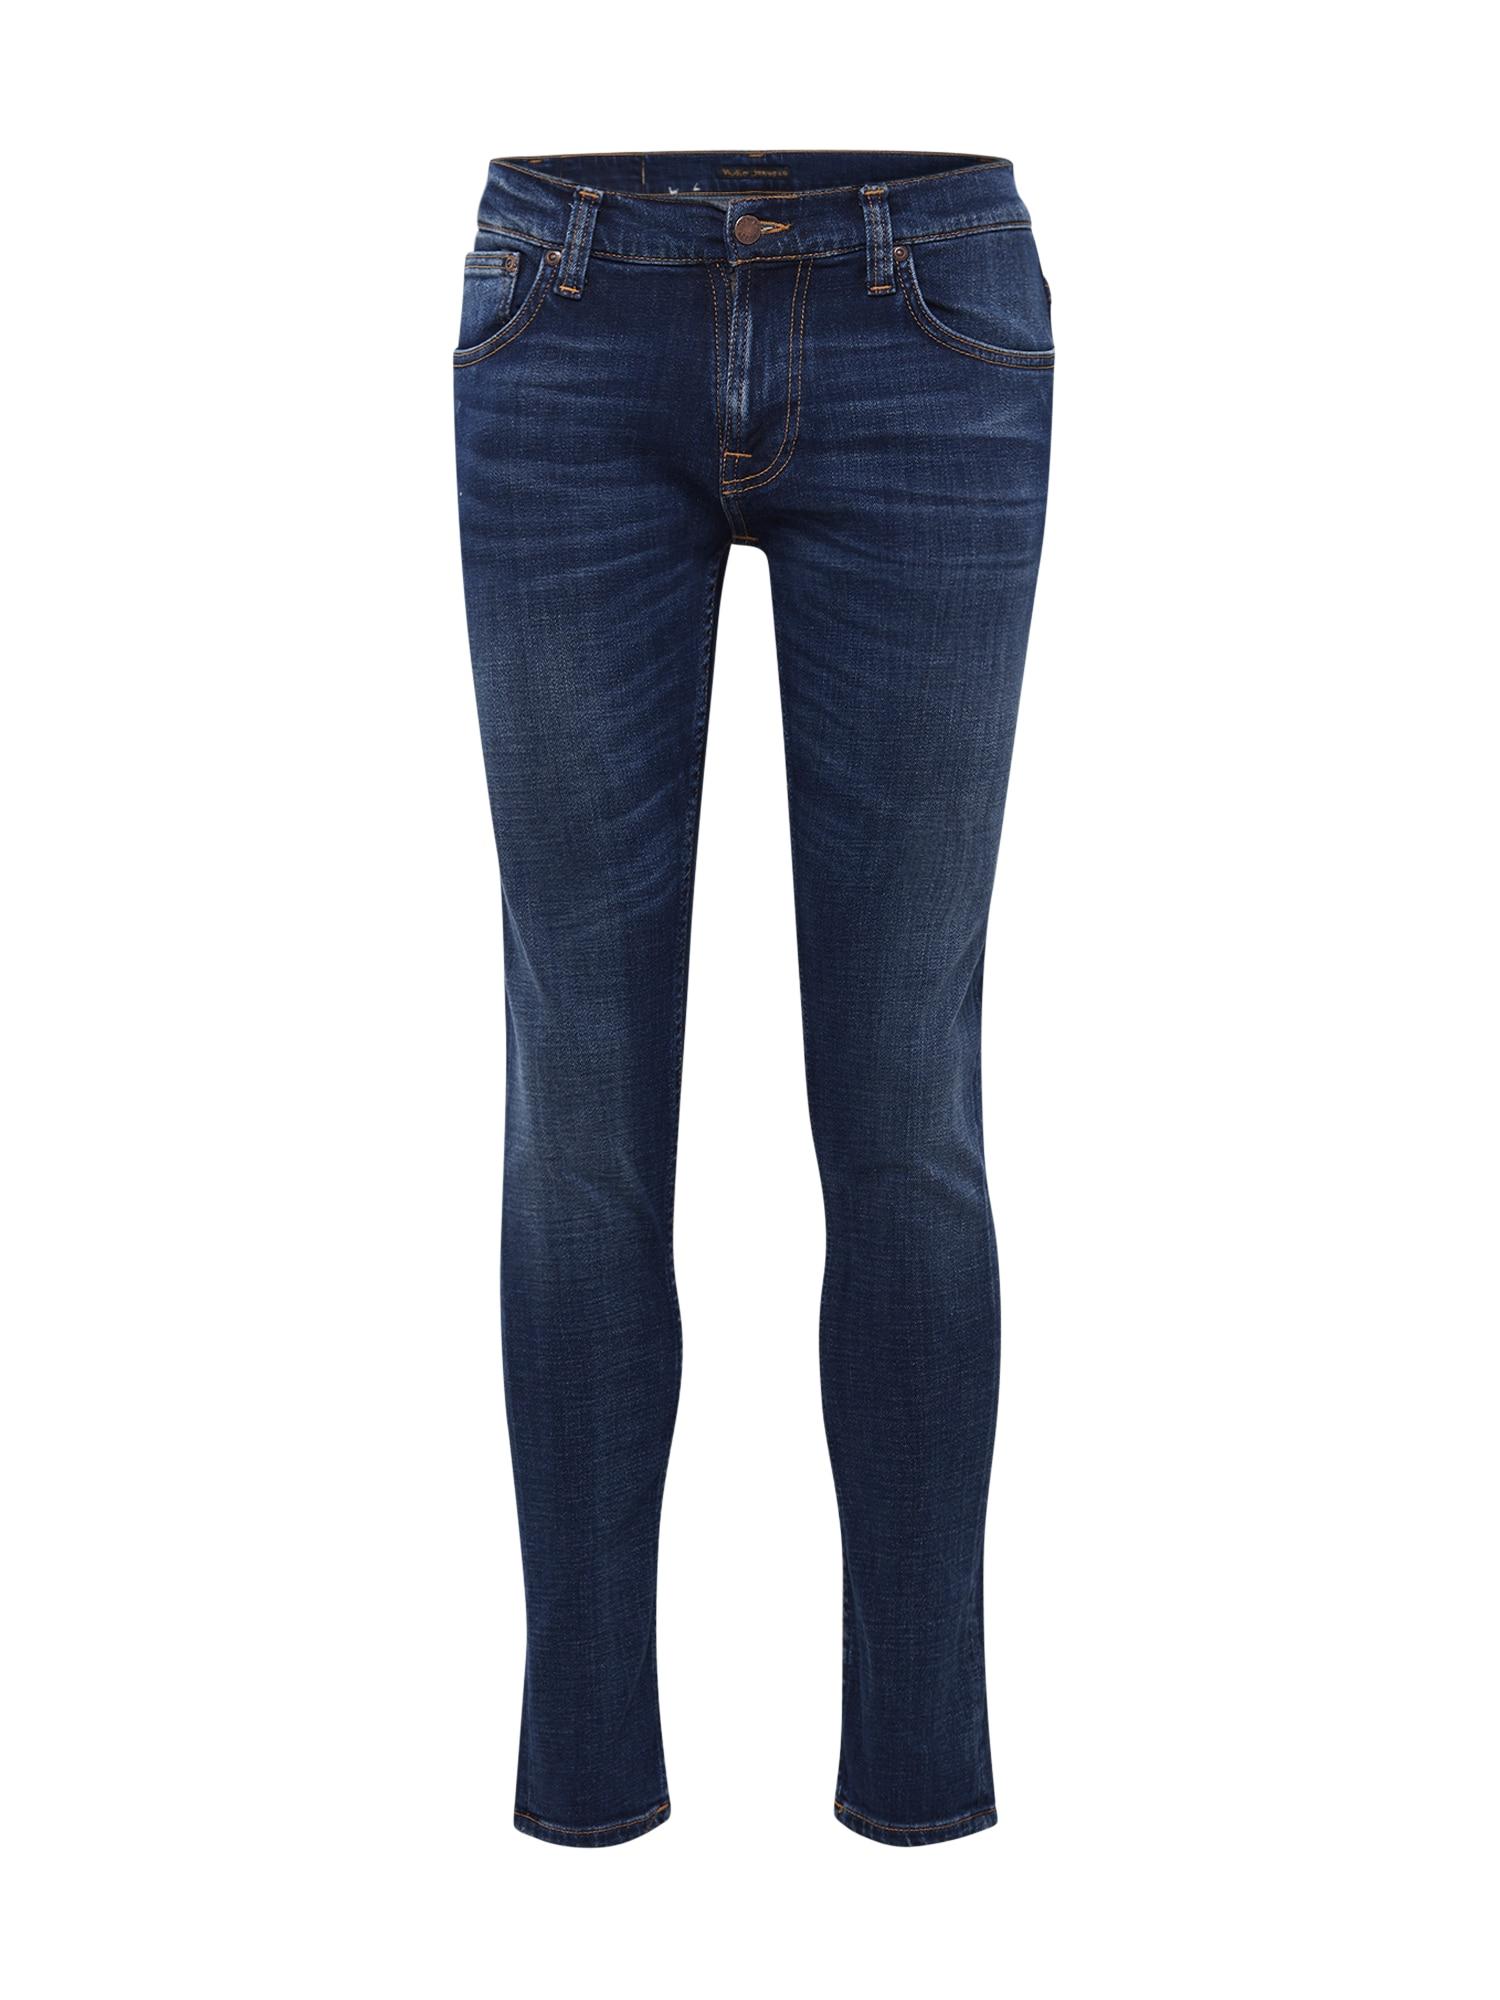 Nudie Jeans Co Džinsai 'Tight Terry' tamsiai (džinso) mėlyna